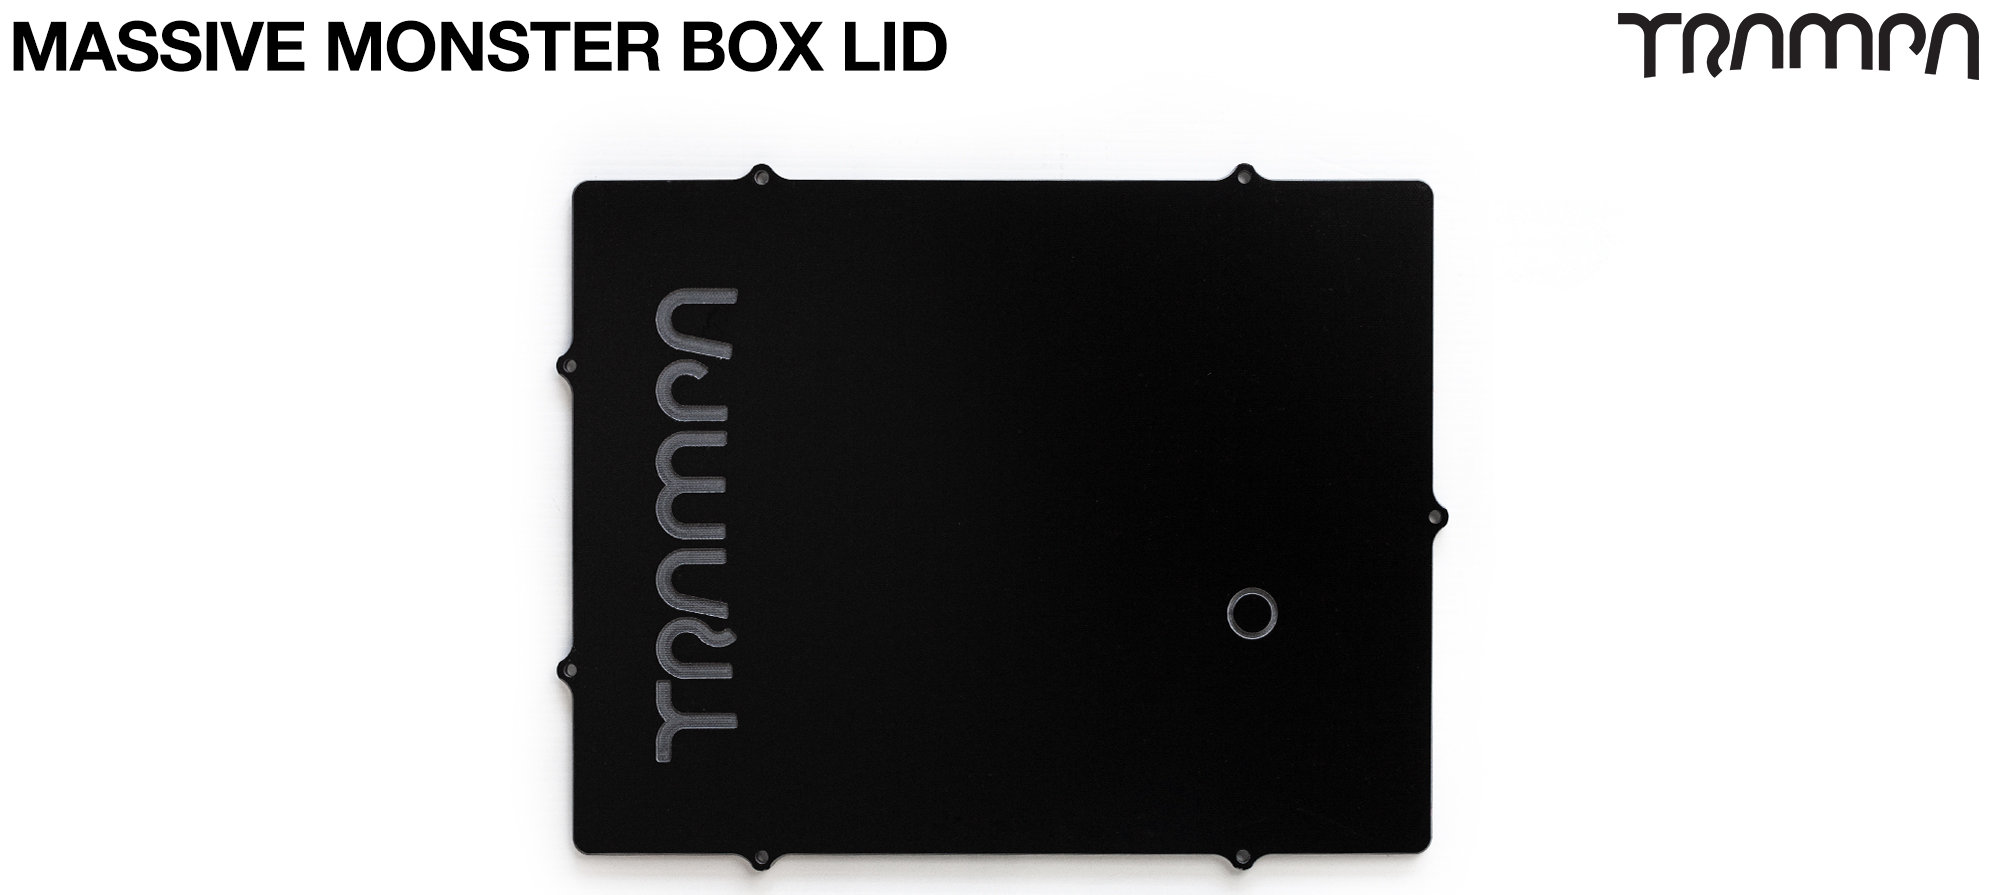 MASSIVE Monster Box LID